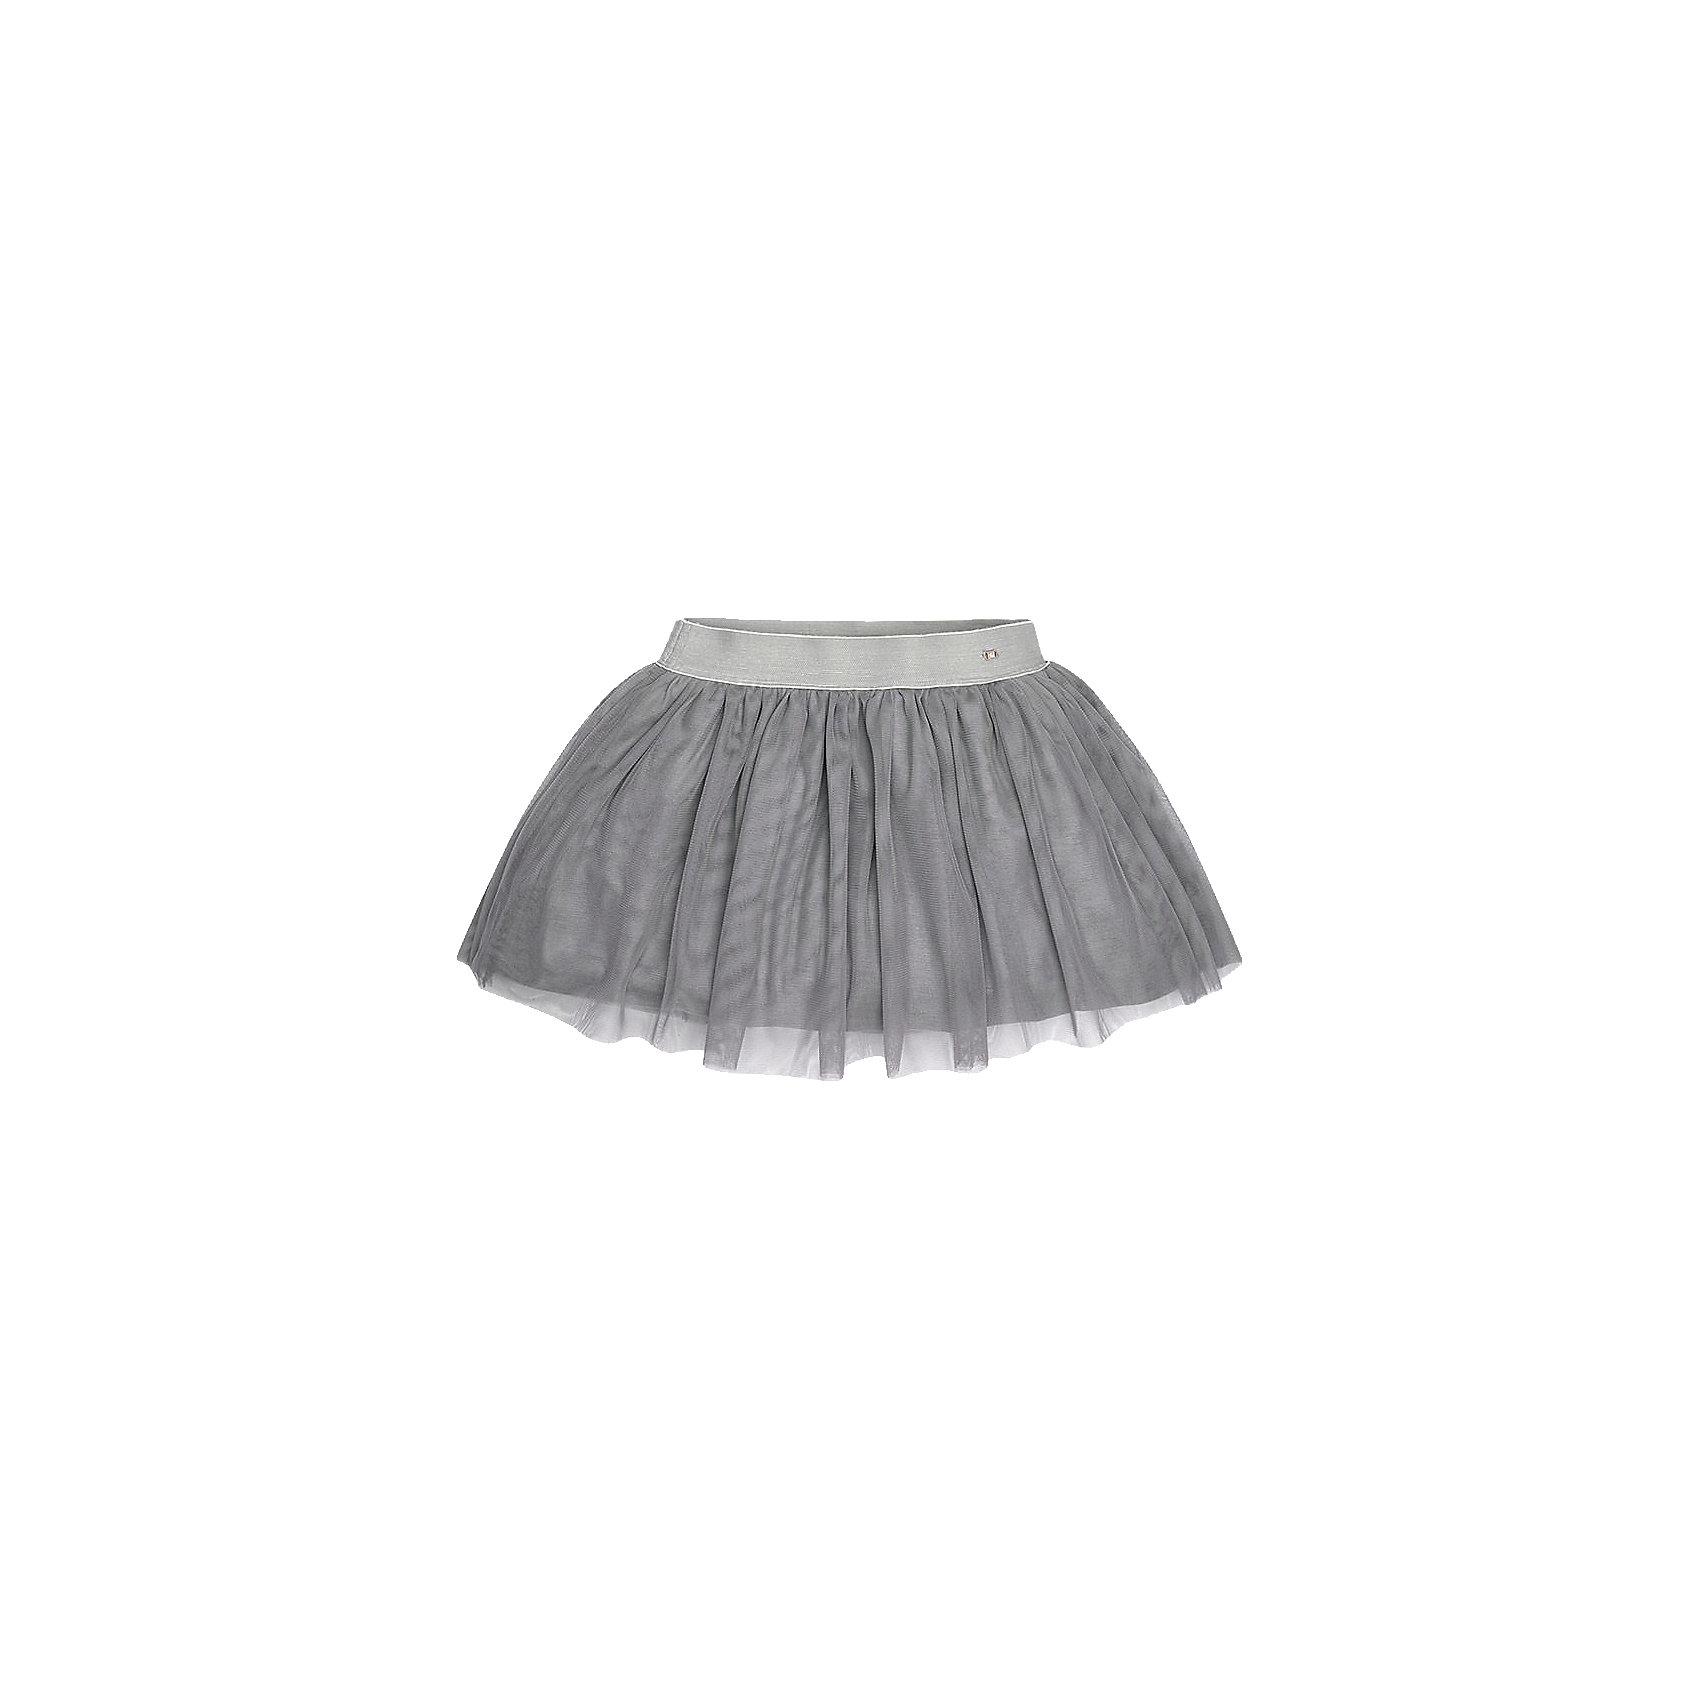 Юбка для девочки MayoralЮбка для девочки Mayoral (Майорал) от известного испанского бренда Mayoral. Расклешенная юбка выполнена из нежного тюля. Подклад юбки выполнен из джерси. Юбка имеет среднюю посадку, хорошо держит форму, эластичный пояс из широкой резинки серого цвета. Пытная юбка имеет стильный вид, благодаря этому ее можно использовать как праздничный вариант одежды.  <br><br>Дополнительная информация:<br><br>- Предназначение: праздничная одежда<br>- Цвет: серый<br>- Пол: для девочки<br>- Состав: верх юбки – 100% полиэстер; подклад – 67% вискоза, 29% полиамид, 4% эластан<br>- Сезон: весна-лето<br>- Особенности ухода: стирка при температуре 30 градусов, химчистка, глажка<br><br>Подробнее:<br><br>• Для детей в возрасте: от 8 лет и до 16 лет<br>• Страна производитель: Китай<br>• Торговый бренд: Mayoral<br><br>Юбку для девочки Mayoral (Майорал) можно купить в нашем интернет-магазине.<br><br>Ширина мм: 207<br>Глубина мм: 10<br>Высота мм: 189<br>Вес г: 183<br>Цвет: серый<br>Возраст от месяцев: 144<br>Возраст до месяцев: 156<br>Пол: Женский<br>Возраст: Детский<br>Размер: 152/158,128/134,164/170,146/152,158/164,134/140<br>SKU: 4847500